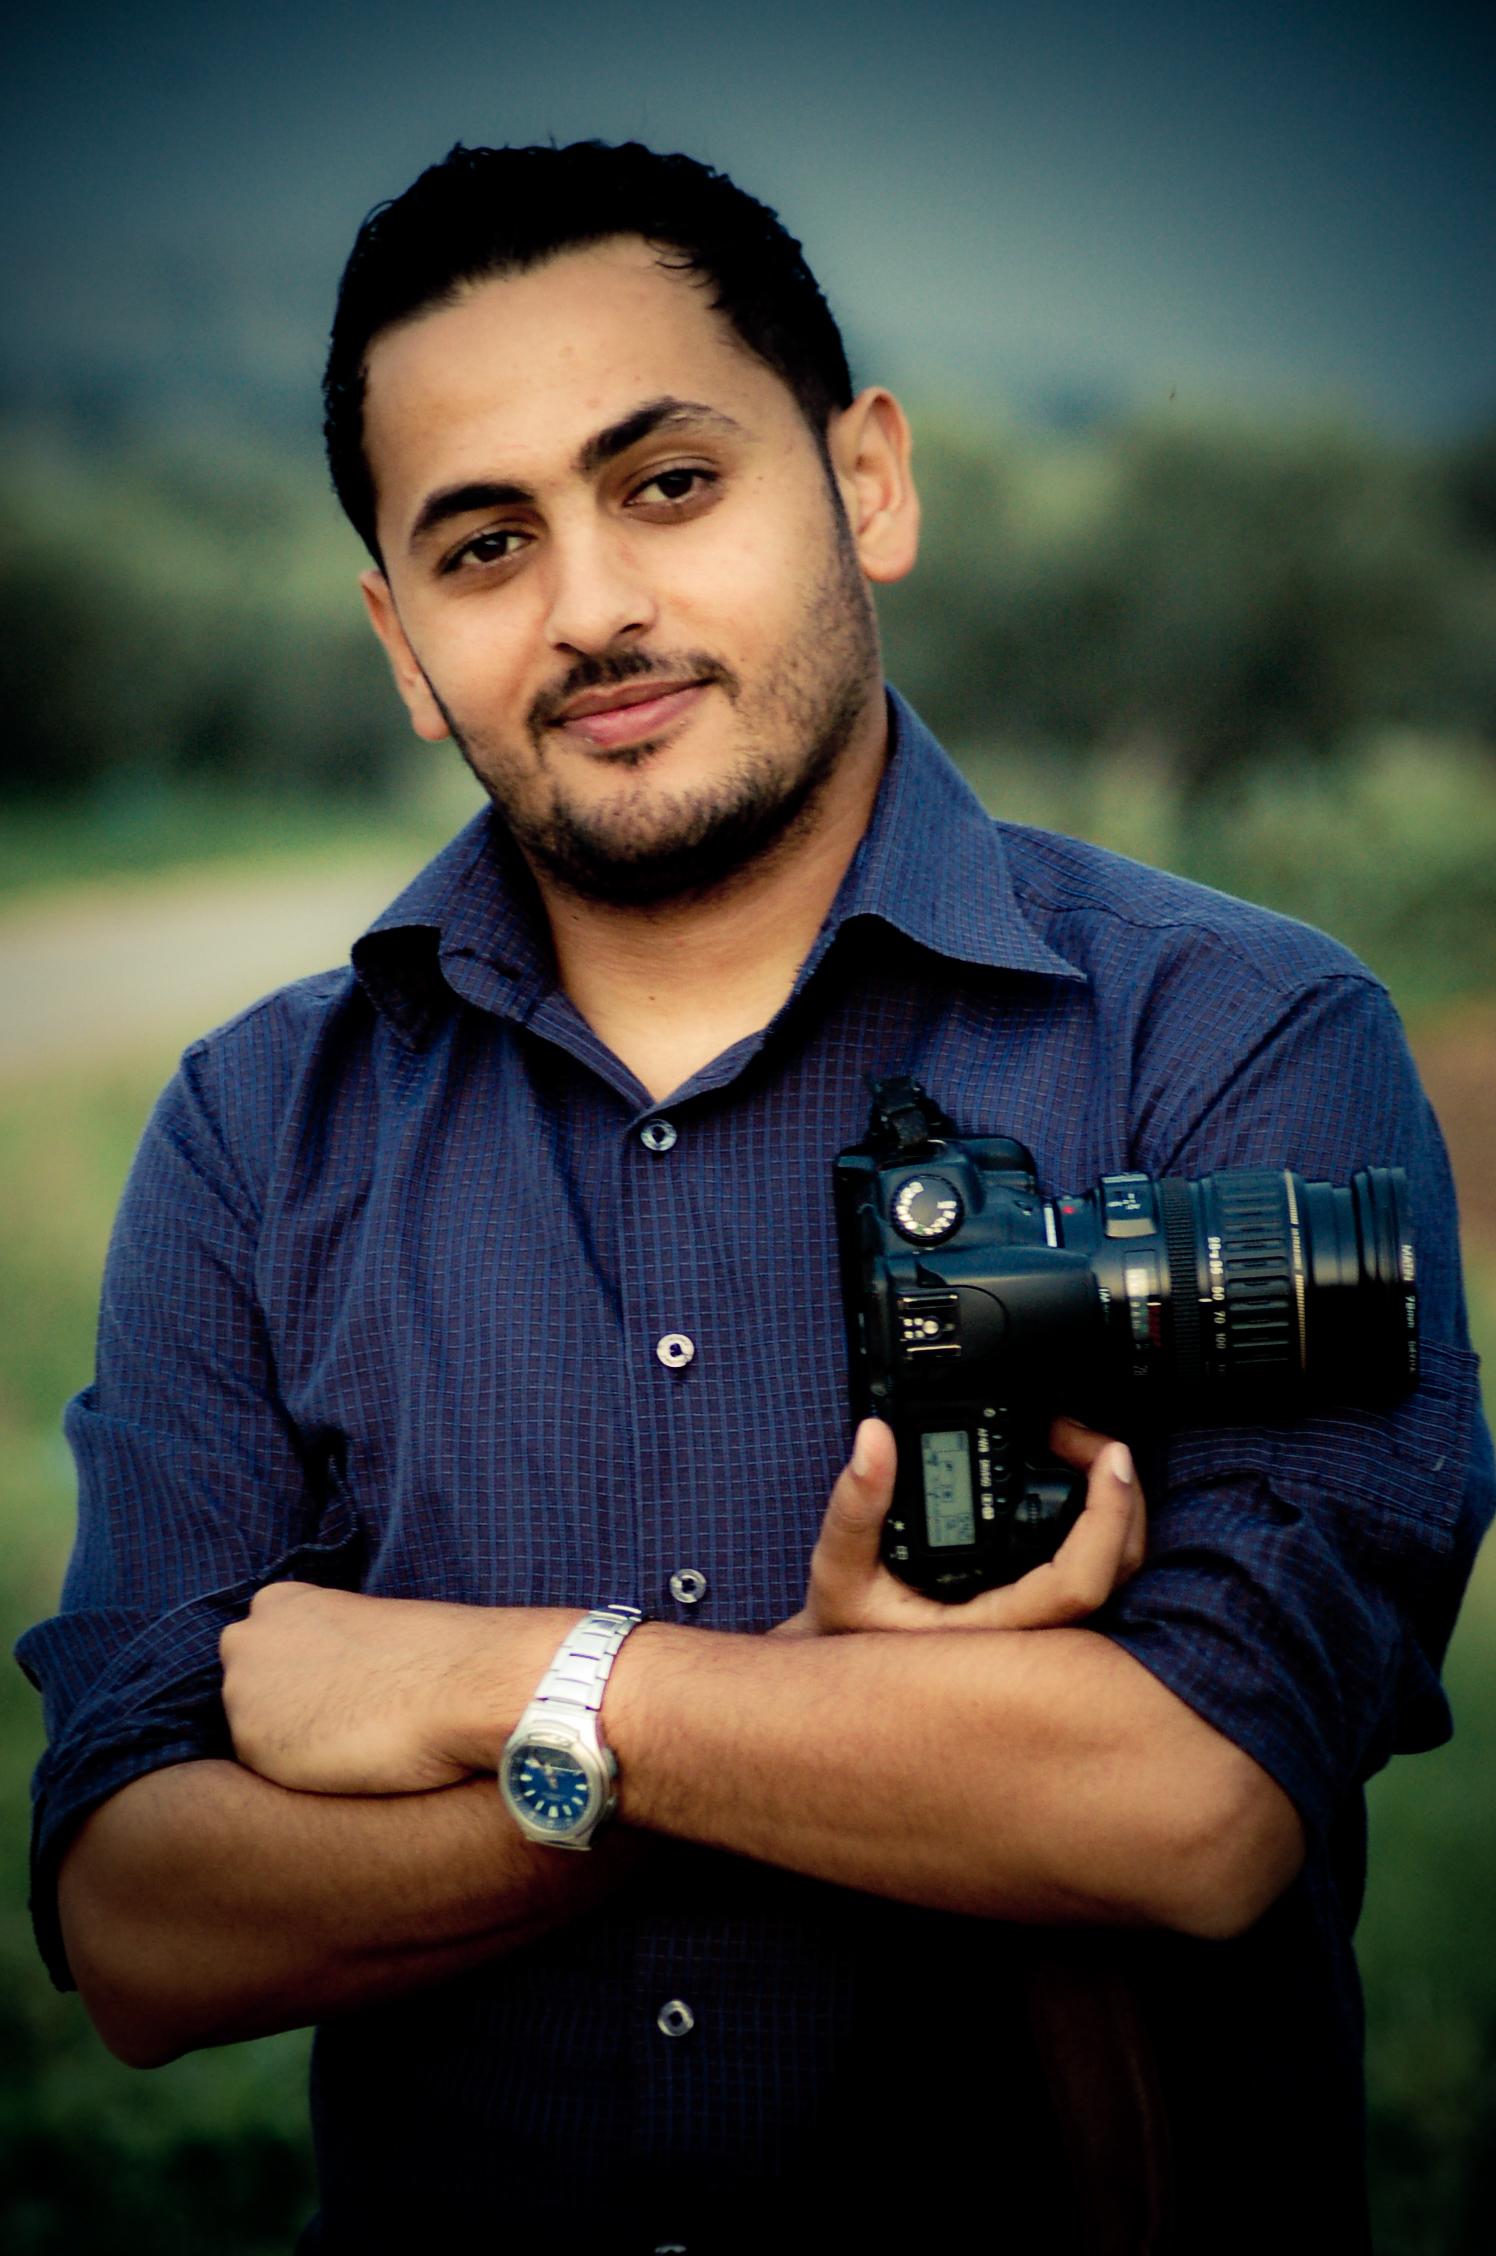 Ahmad Mesleh